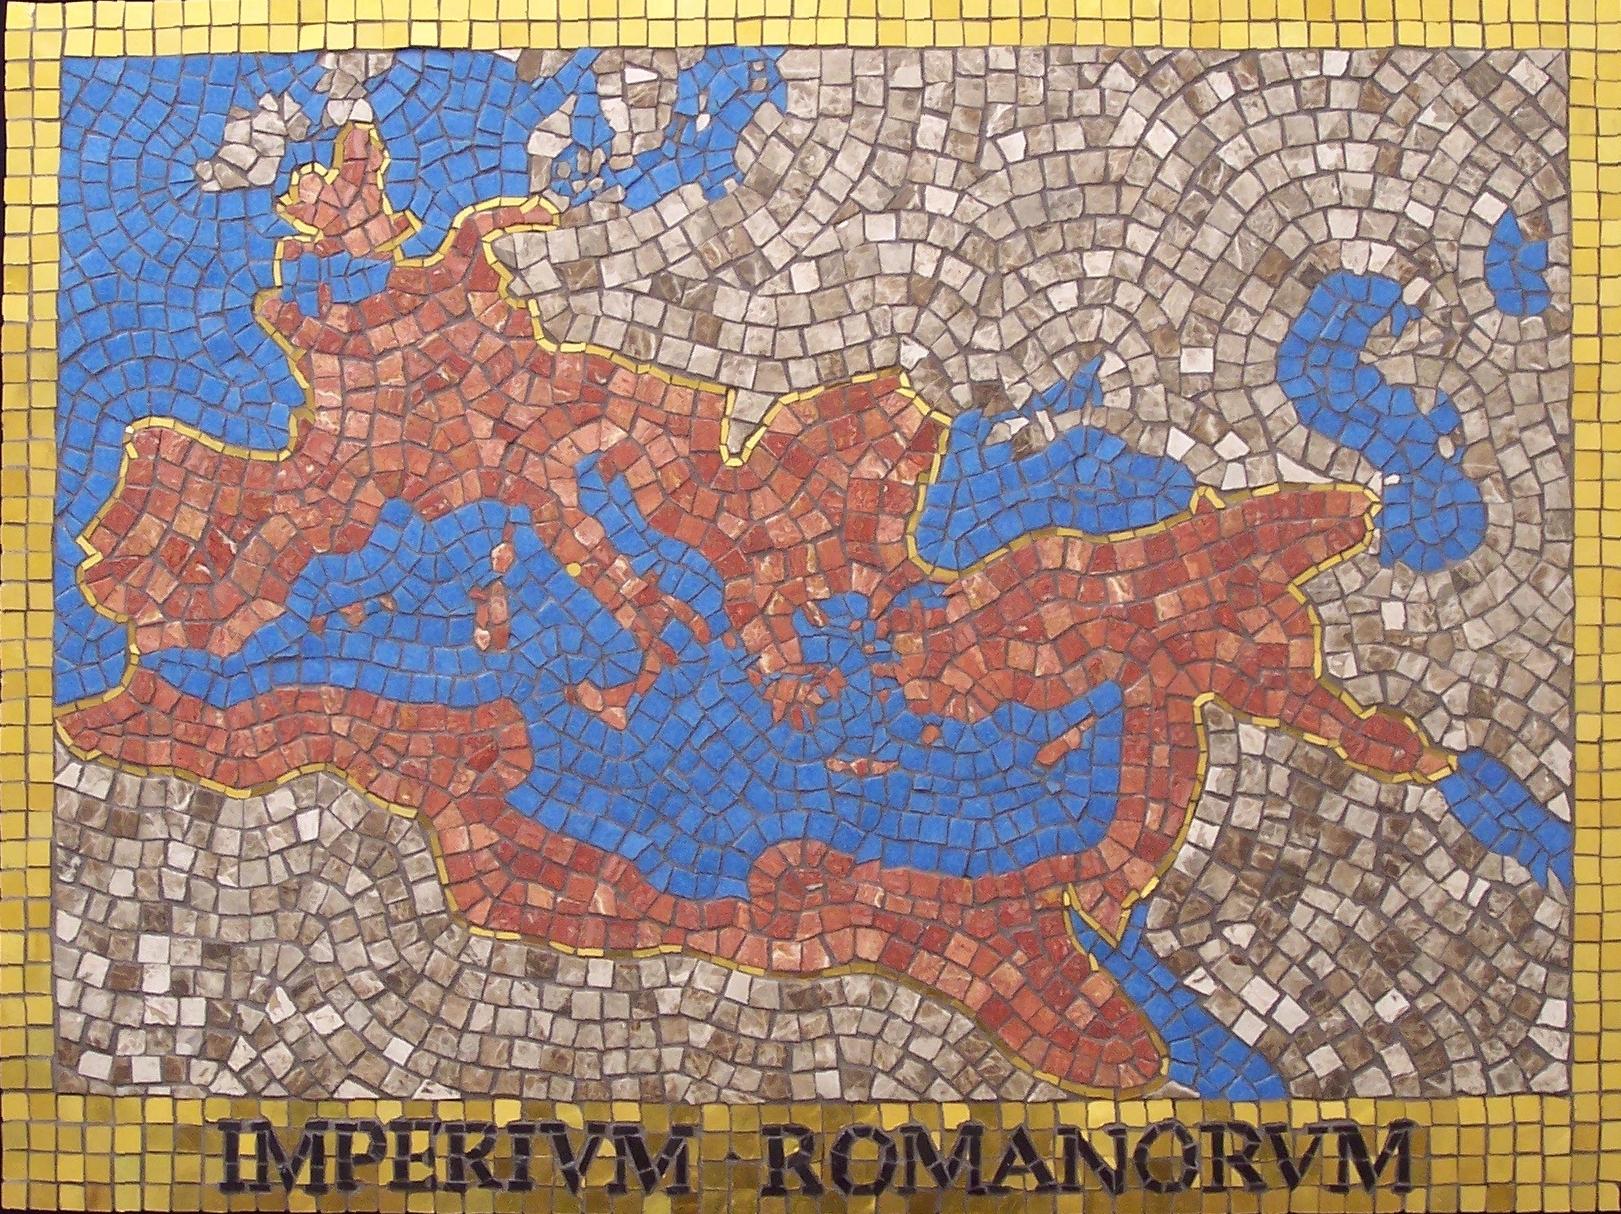 Imperium Romanorum